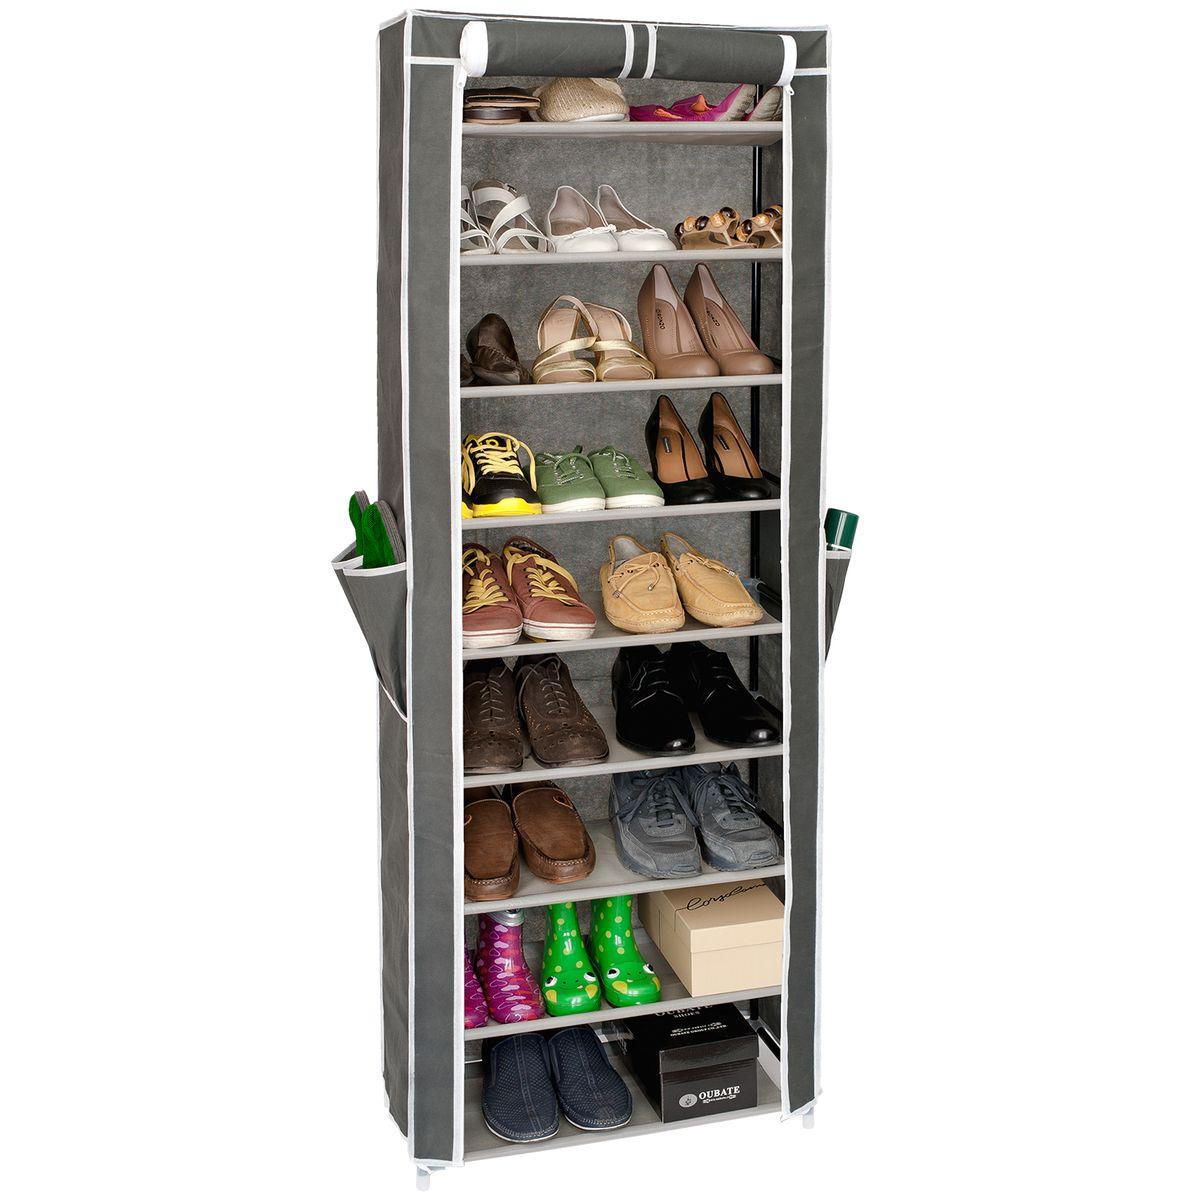 Этажерка для обуви Artmoon Carrie, с нетканым чехлом, 9 полок, цвет: серый699317Этажерка Artmoon Carrie состоит из 9 полок, рассчитанных на 27 пар обуви. Полки съемные, регулируются под обувь любой высоты. Нетканый чехол защищает от пыли, две молний, фиксируется липучкой в открытом виде, полки с полипропиленовой пропиткой не боятся влаги для легкой уборки. На чехле расположены дополнительные 4 кармашка.Размер этажерки: 58 x 29 x 160 см.